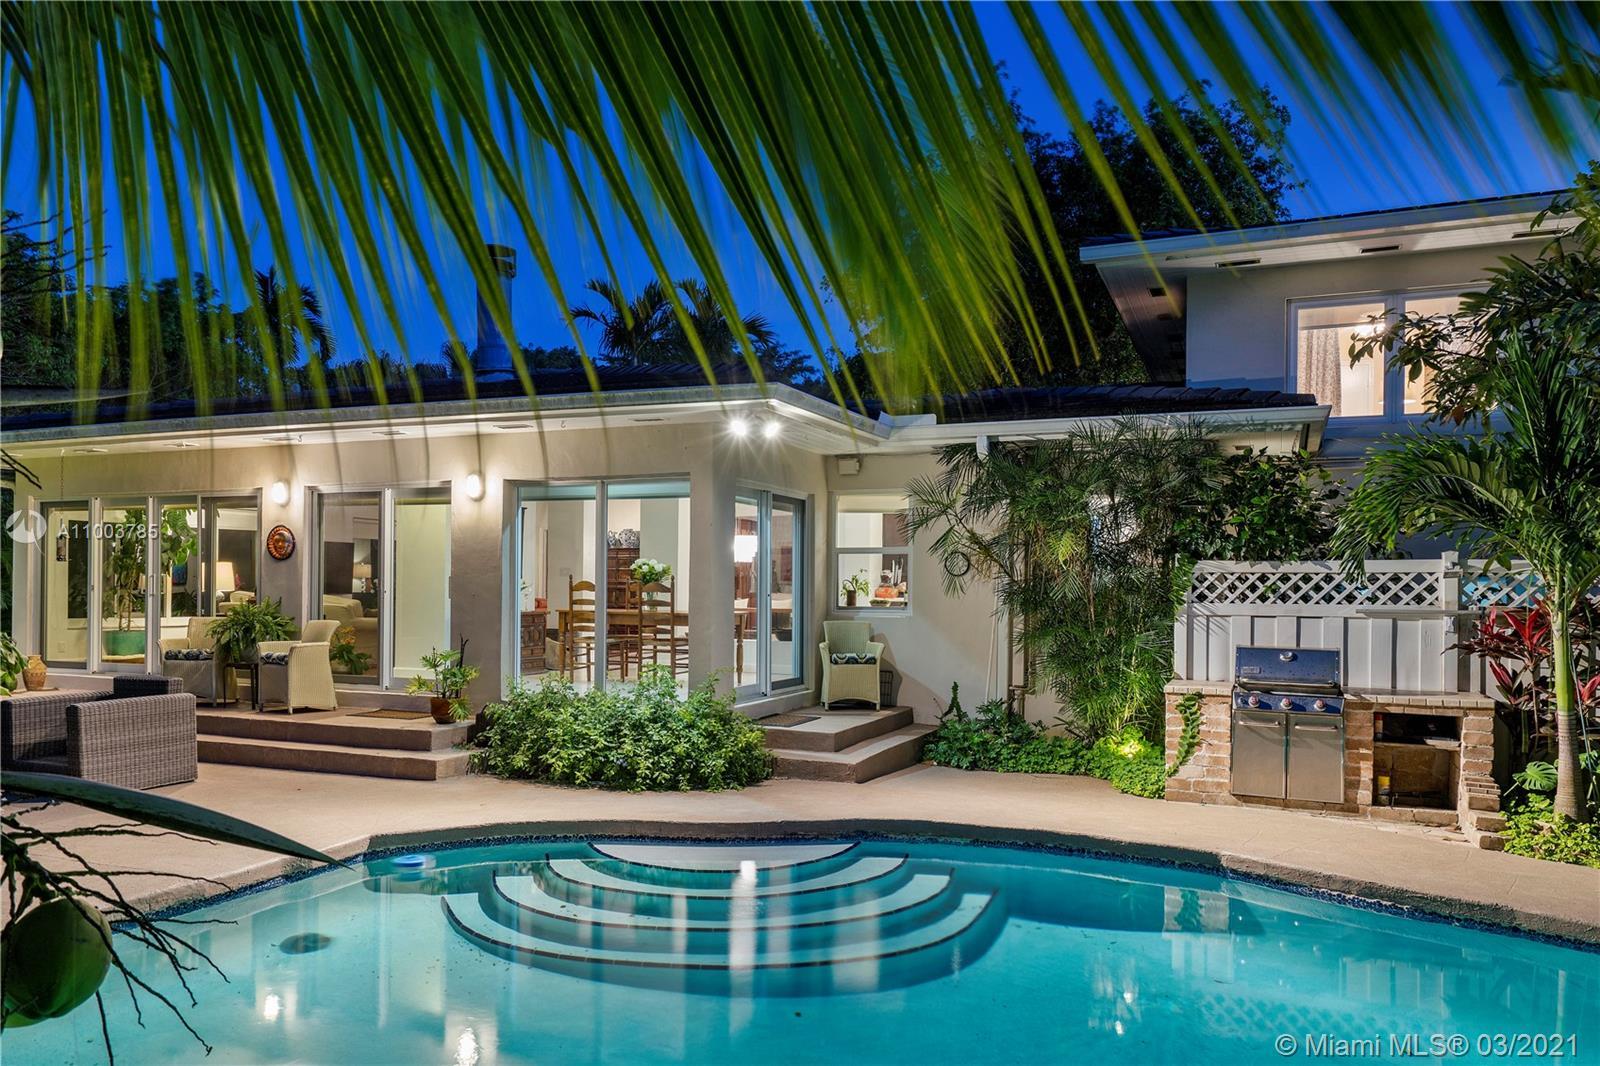 Miami Shores - 1201 NE 97th St, Miami Shores, FL 33138